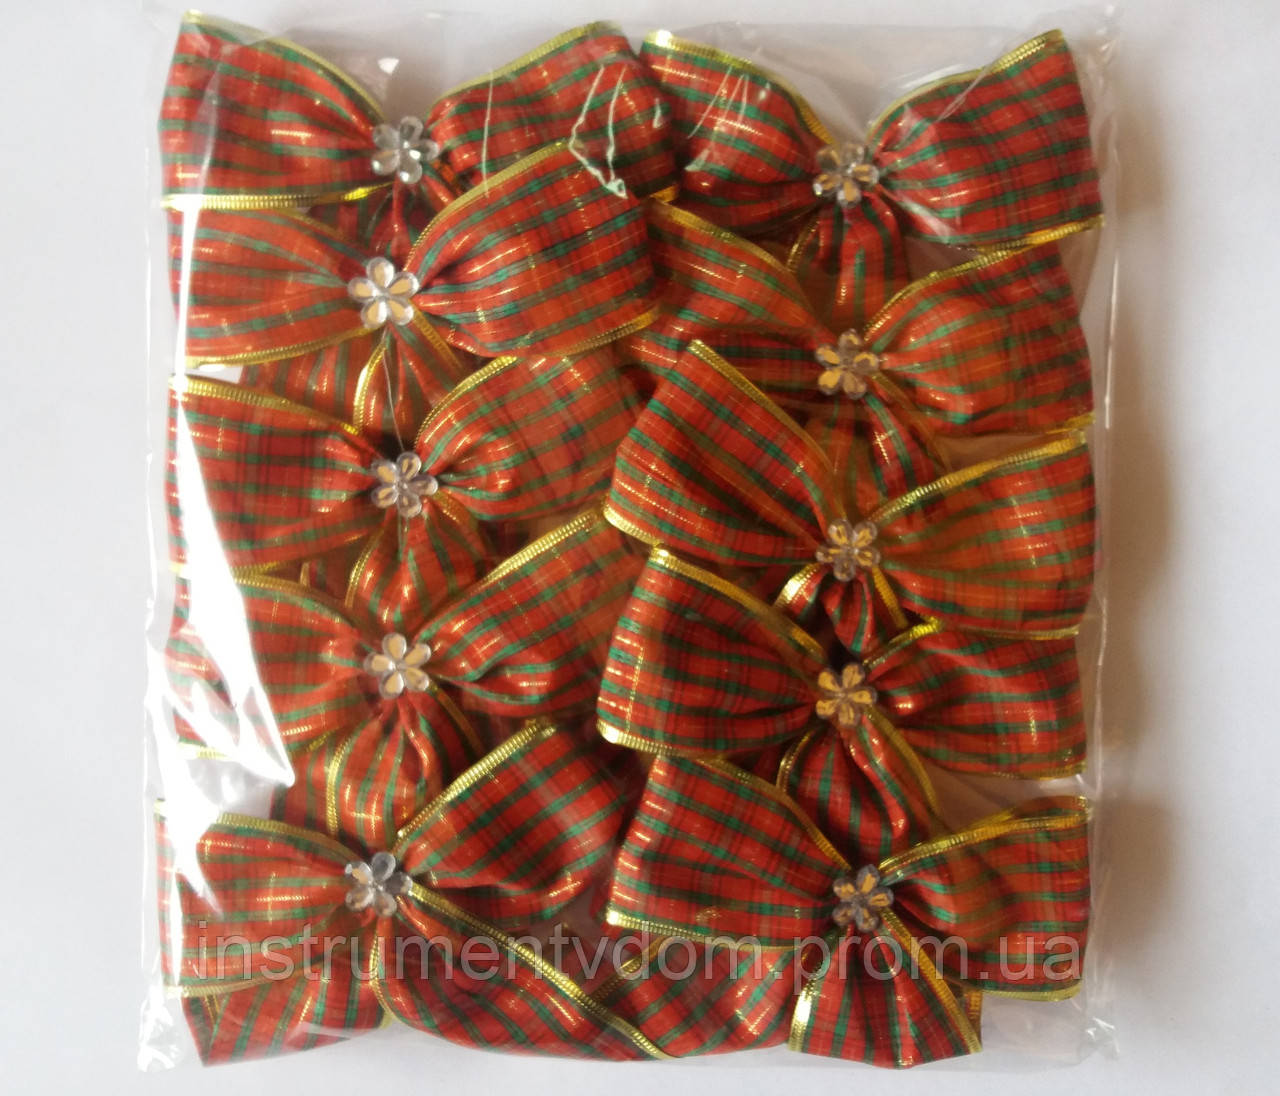 Банты в клетку широкие для новогодней елки (упаковка 10 шт, цвета в ассортименте)